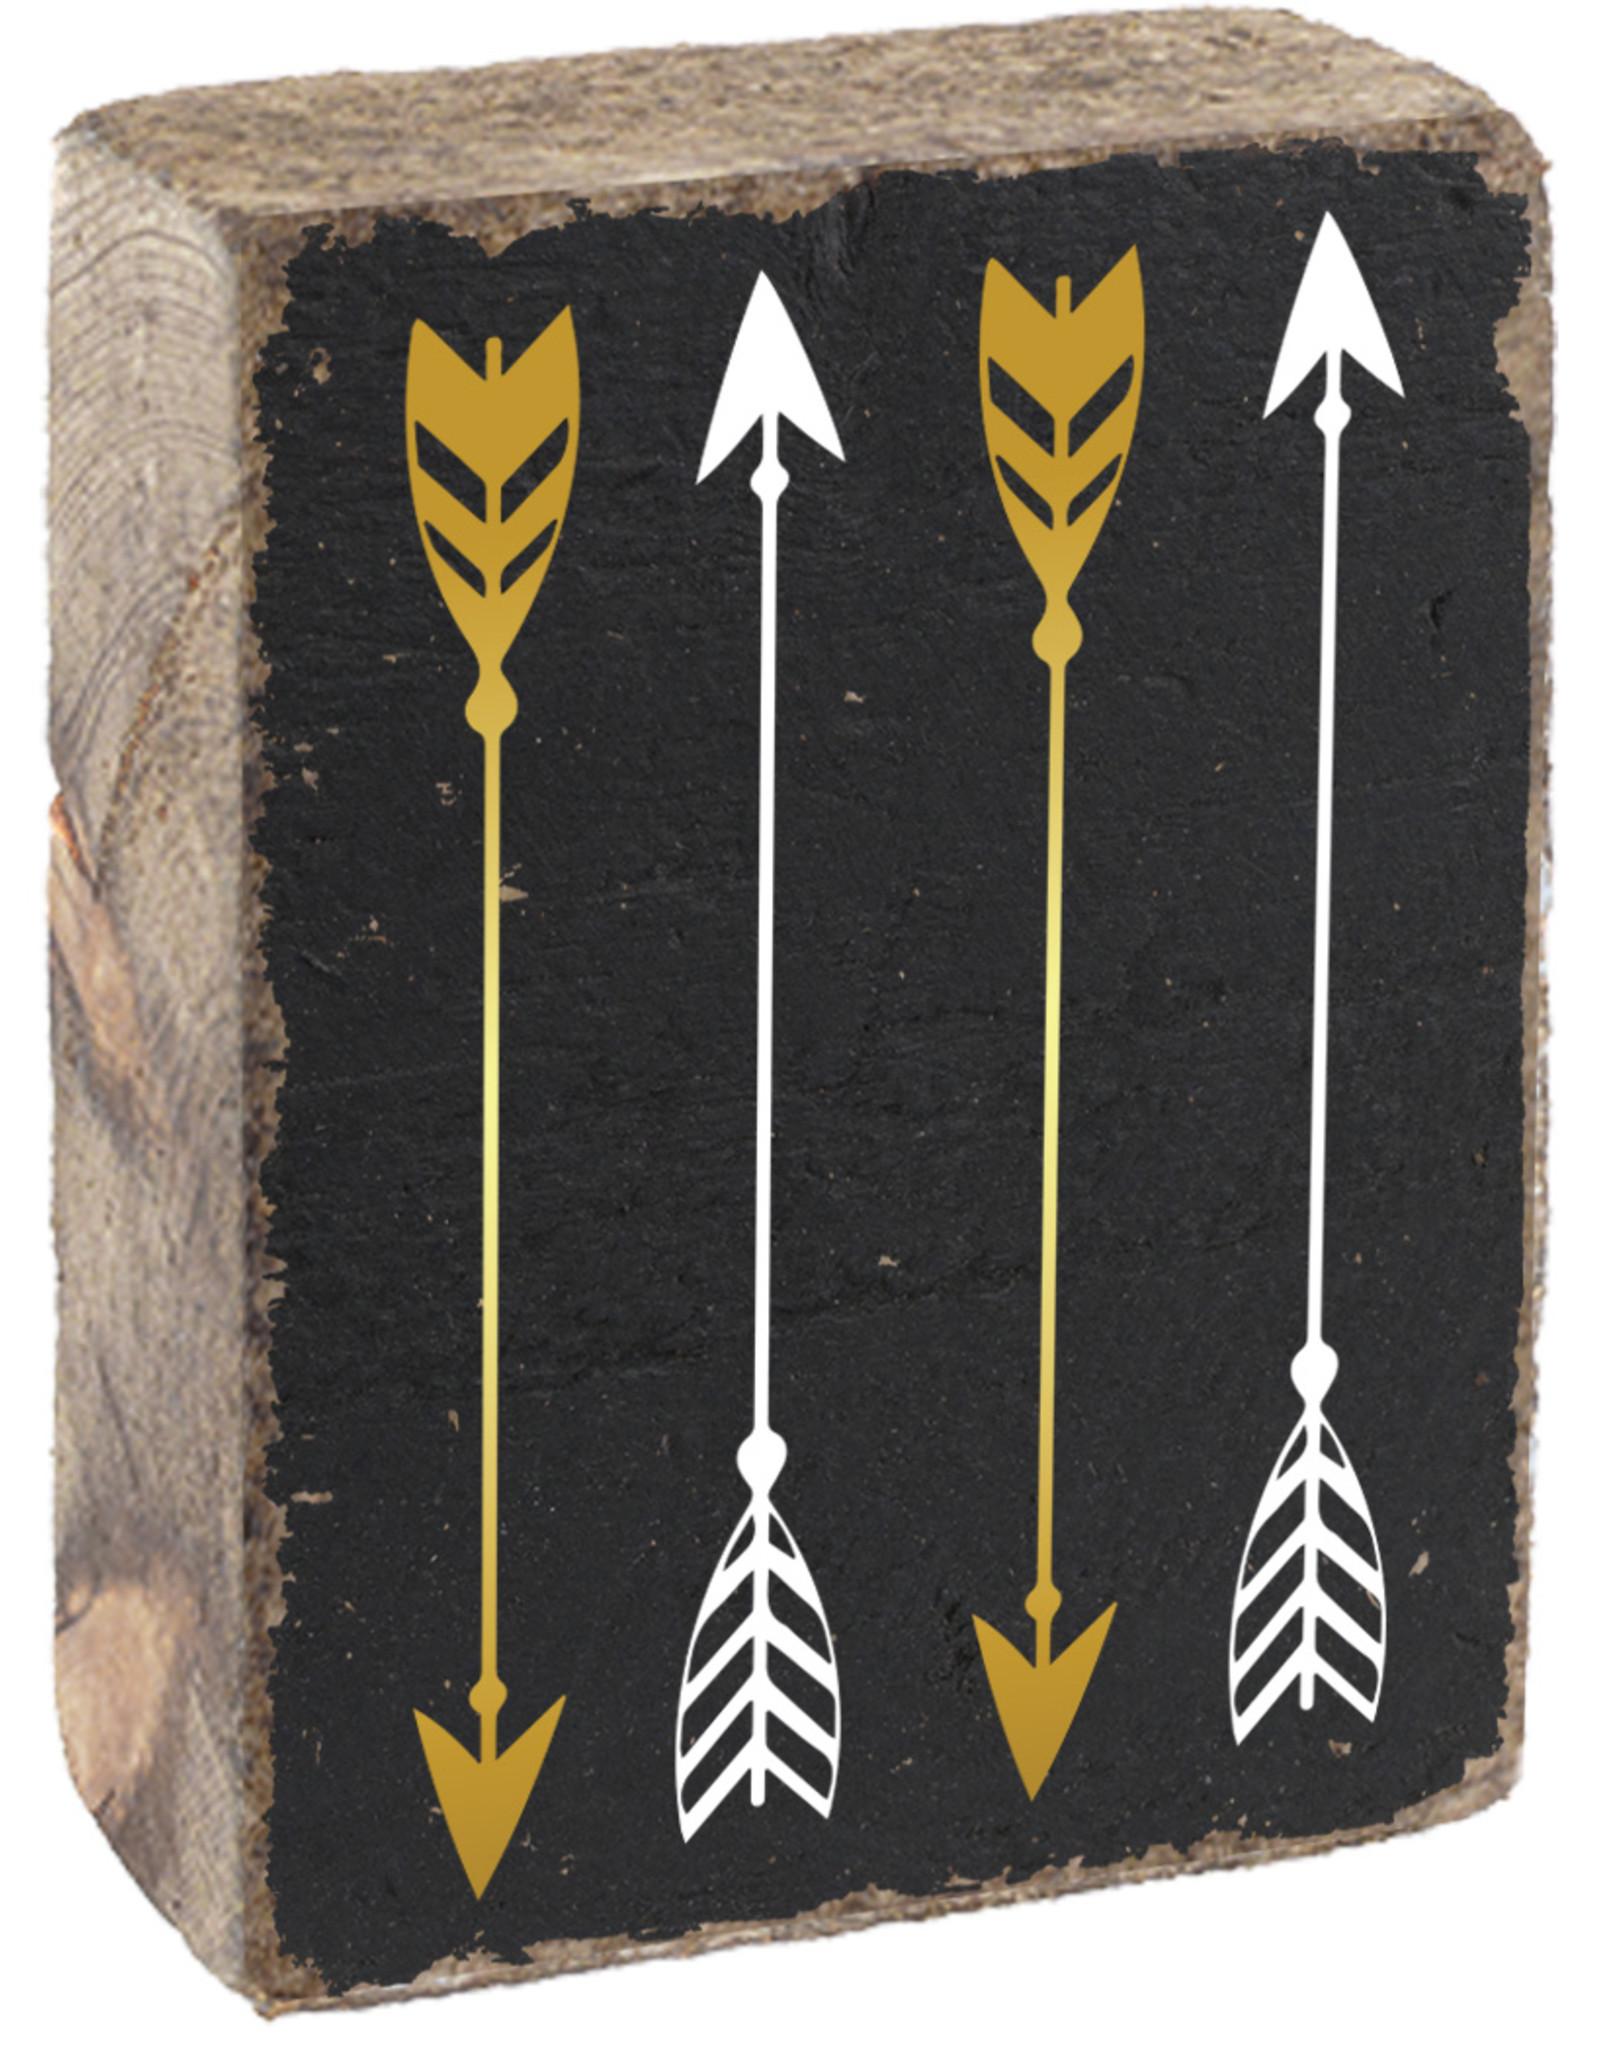 Rustic Marlin Rustic Marlin - Symbol Blocks Arrows